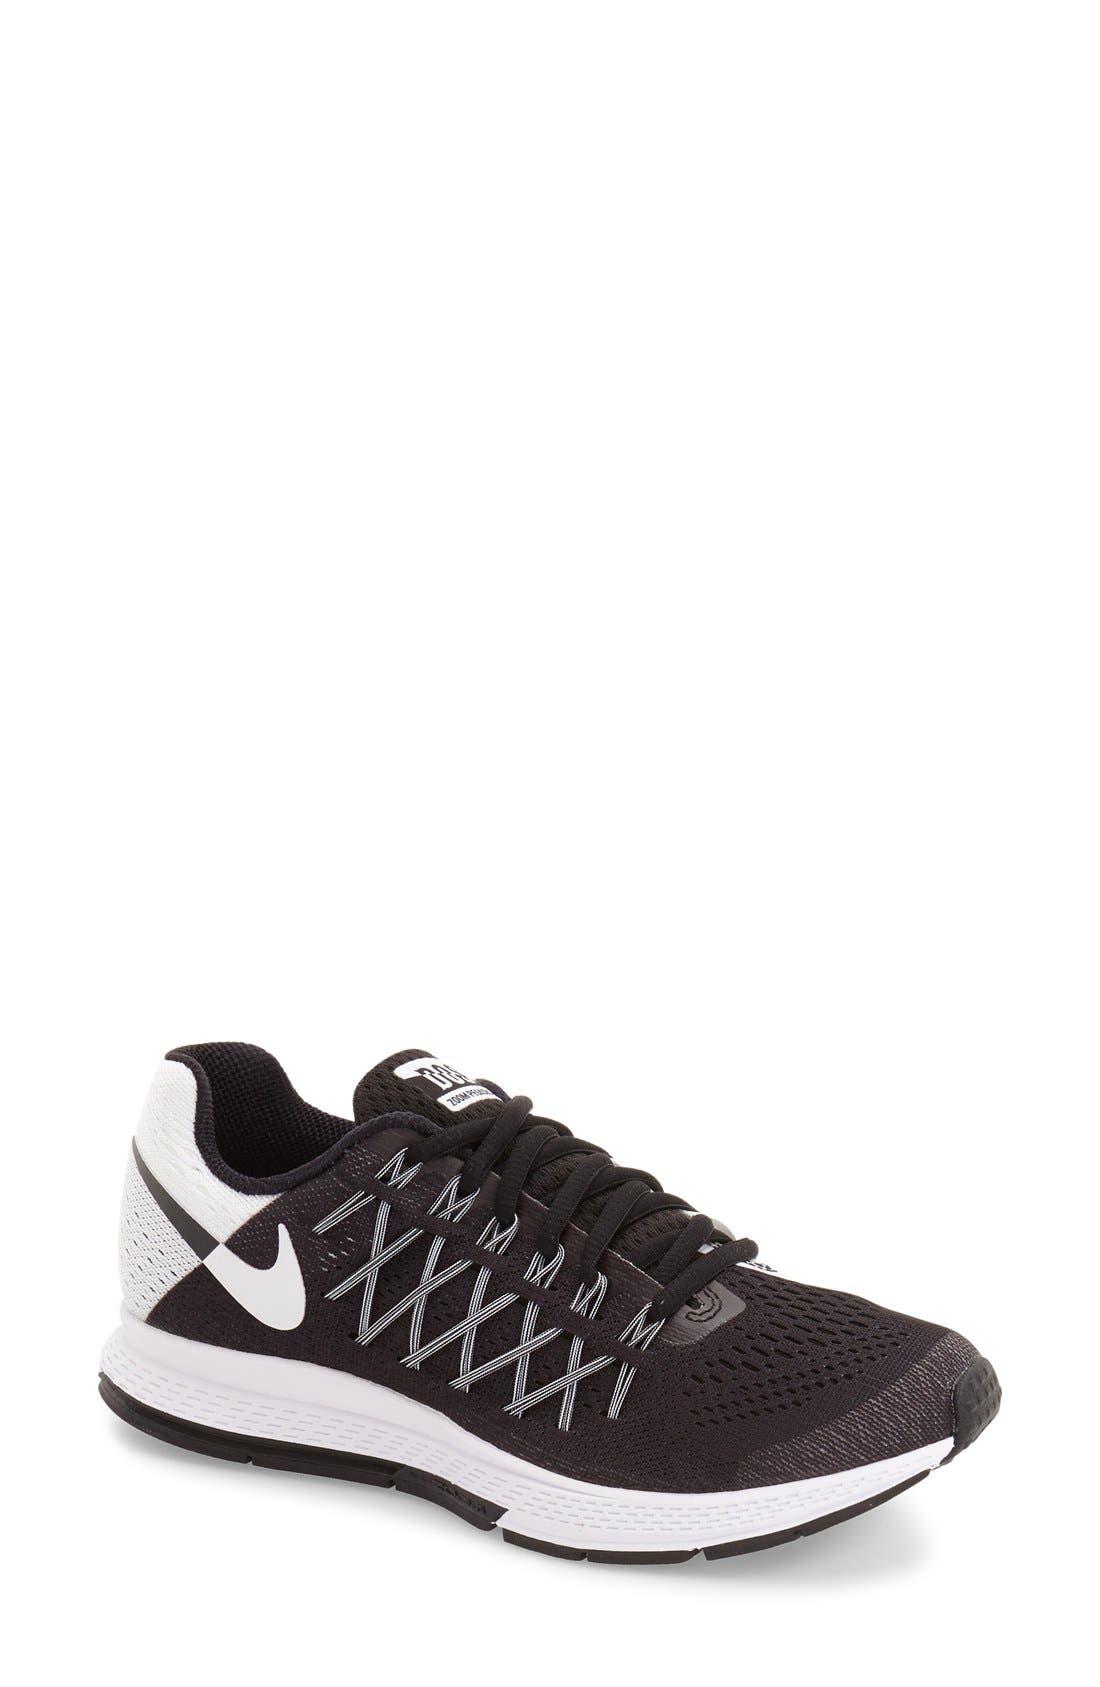 Main Image - Nike 'Air Zoom Pegasus 32' Running Shoe (Women)